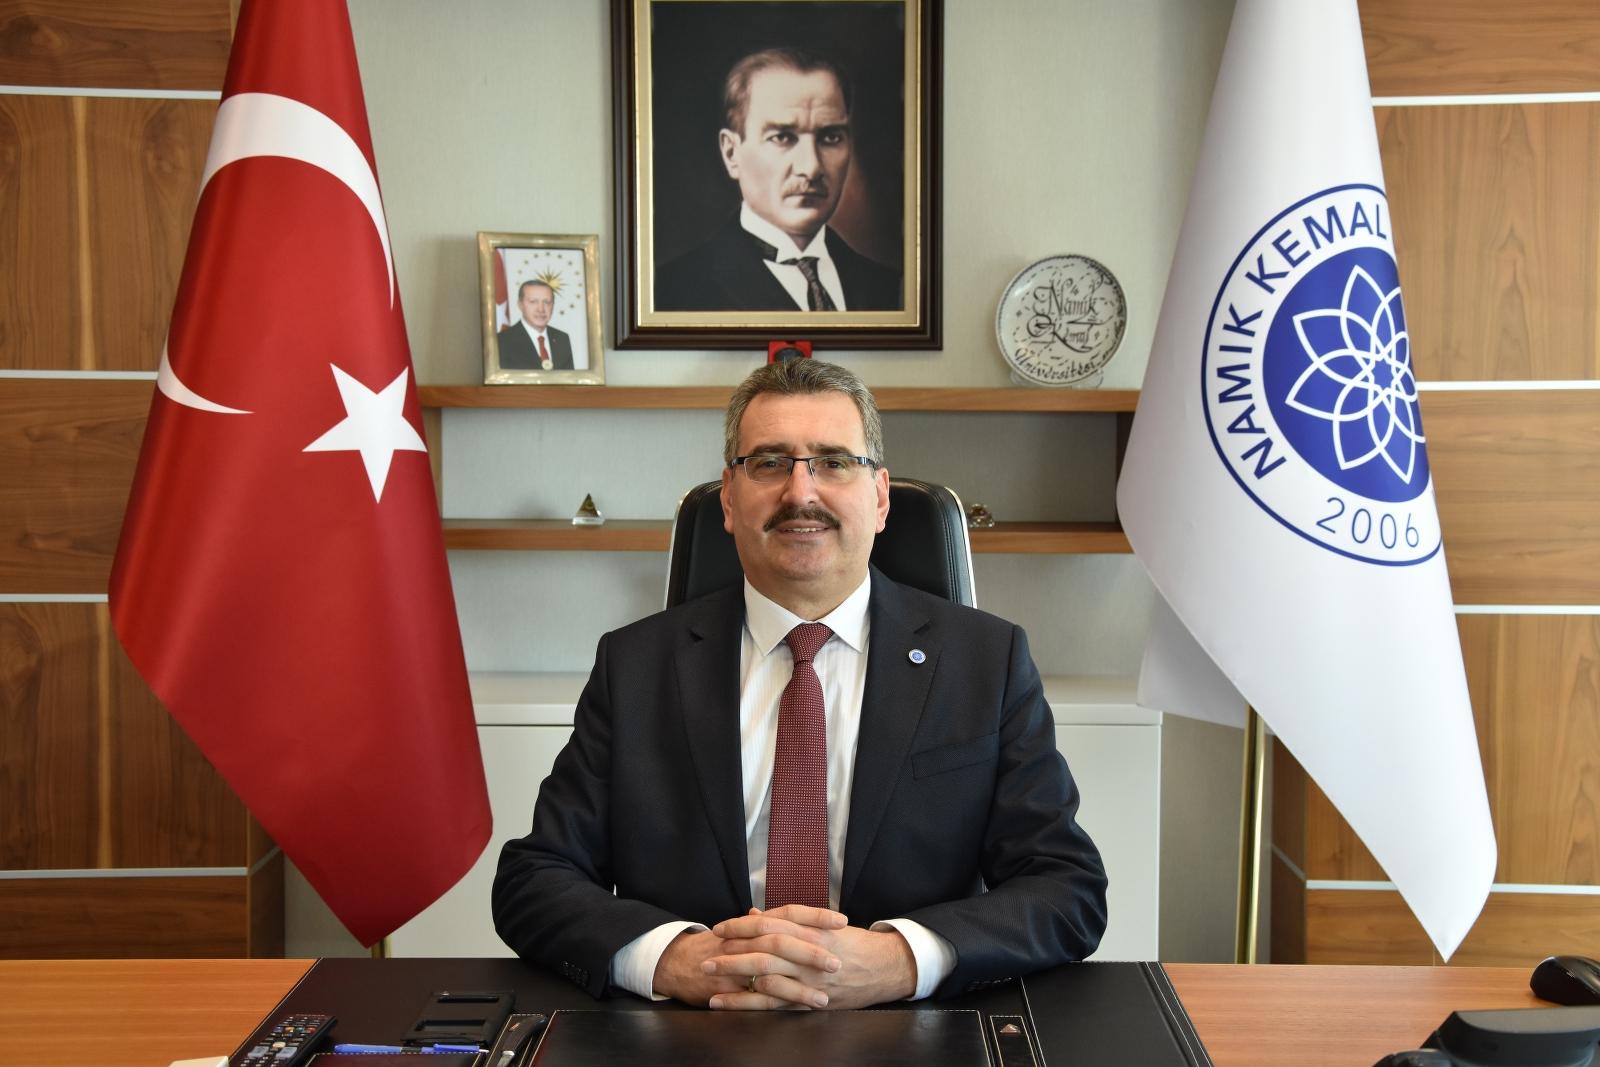 Namık kemal Üniversitesi Rektörü Prof. Dr. Mümin ŞAHİN'in '10 Ocak Çalışan Gazeteciler Günü' Mesajı